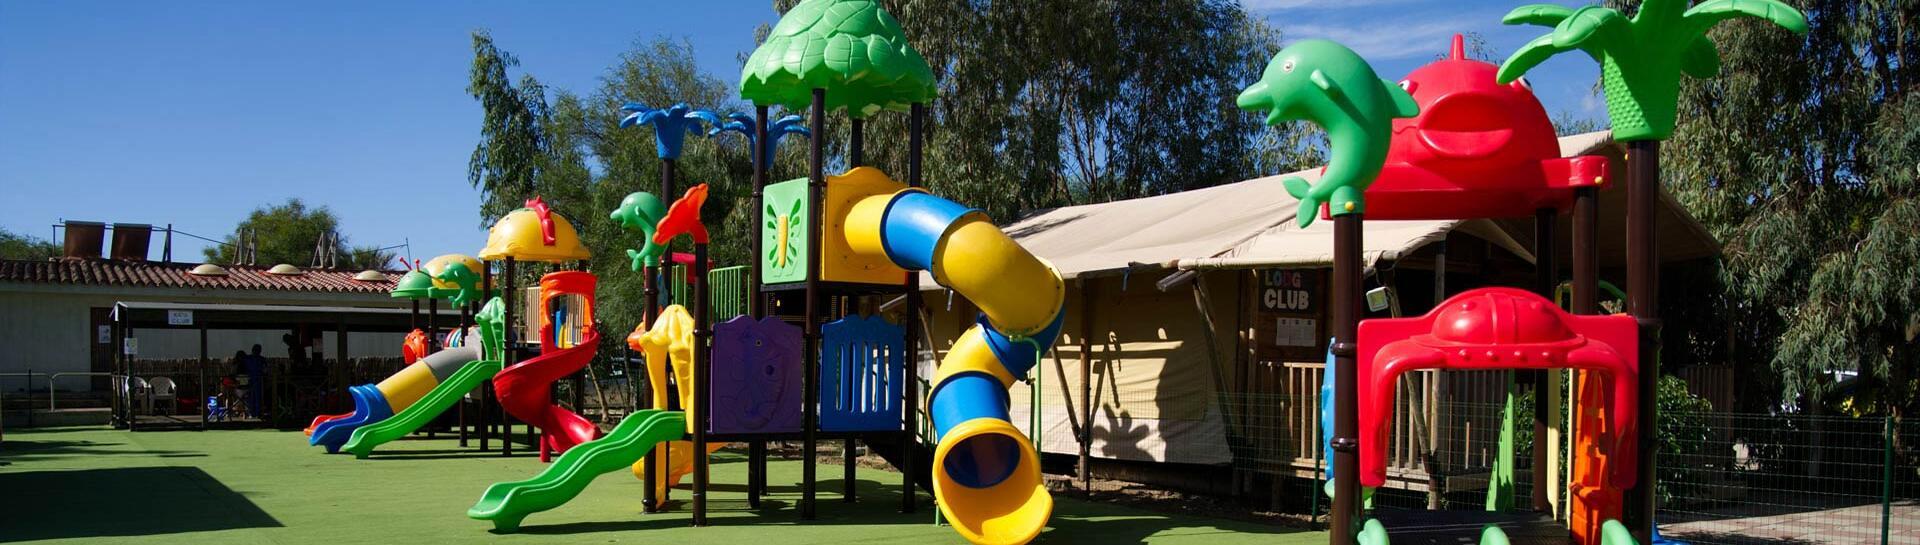 4mori it camping-village-bambini-muravera 011